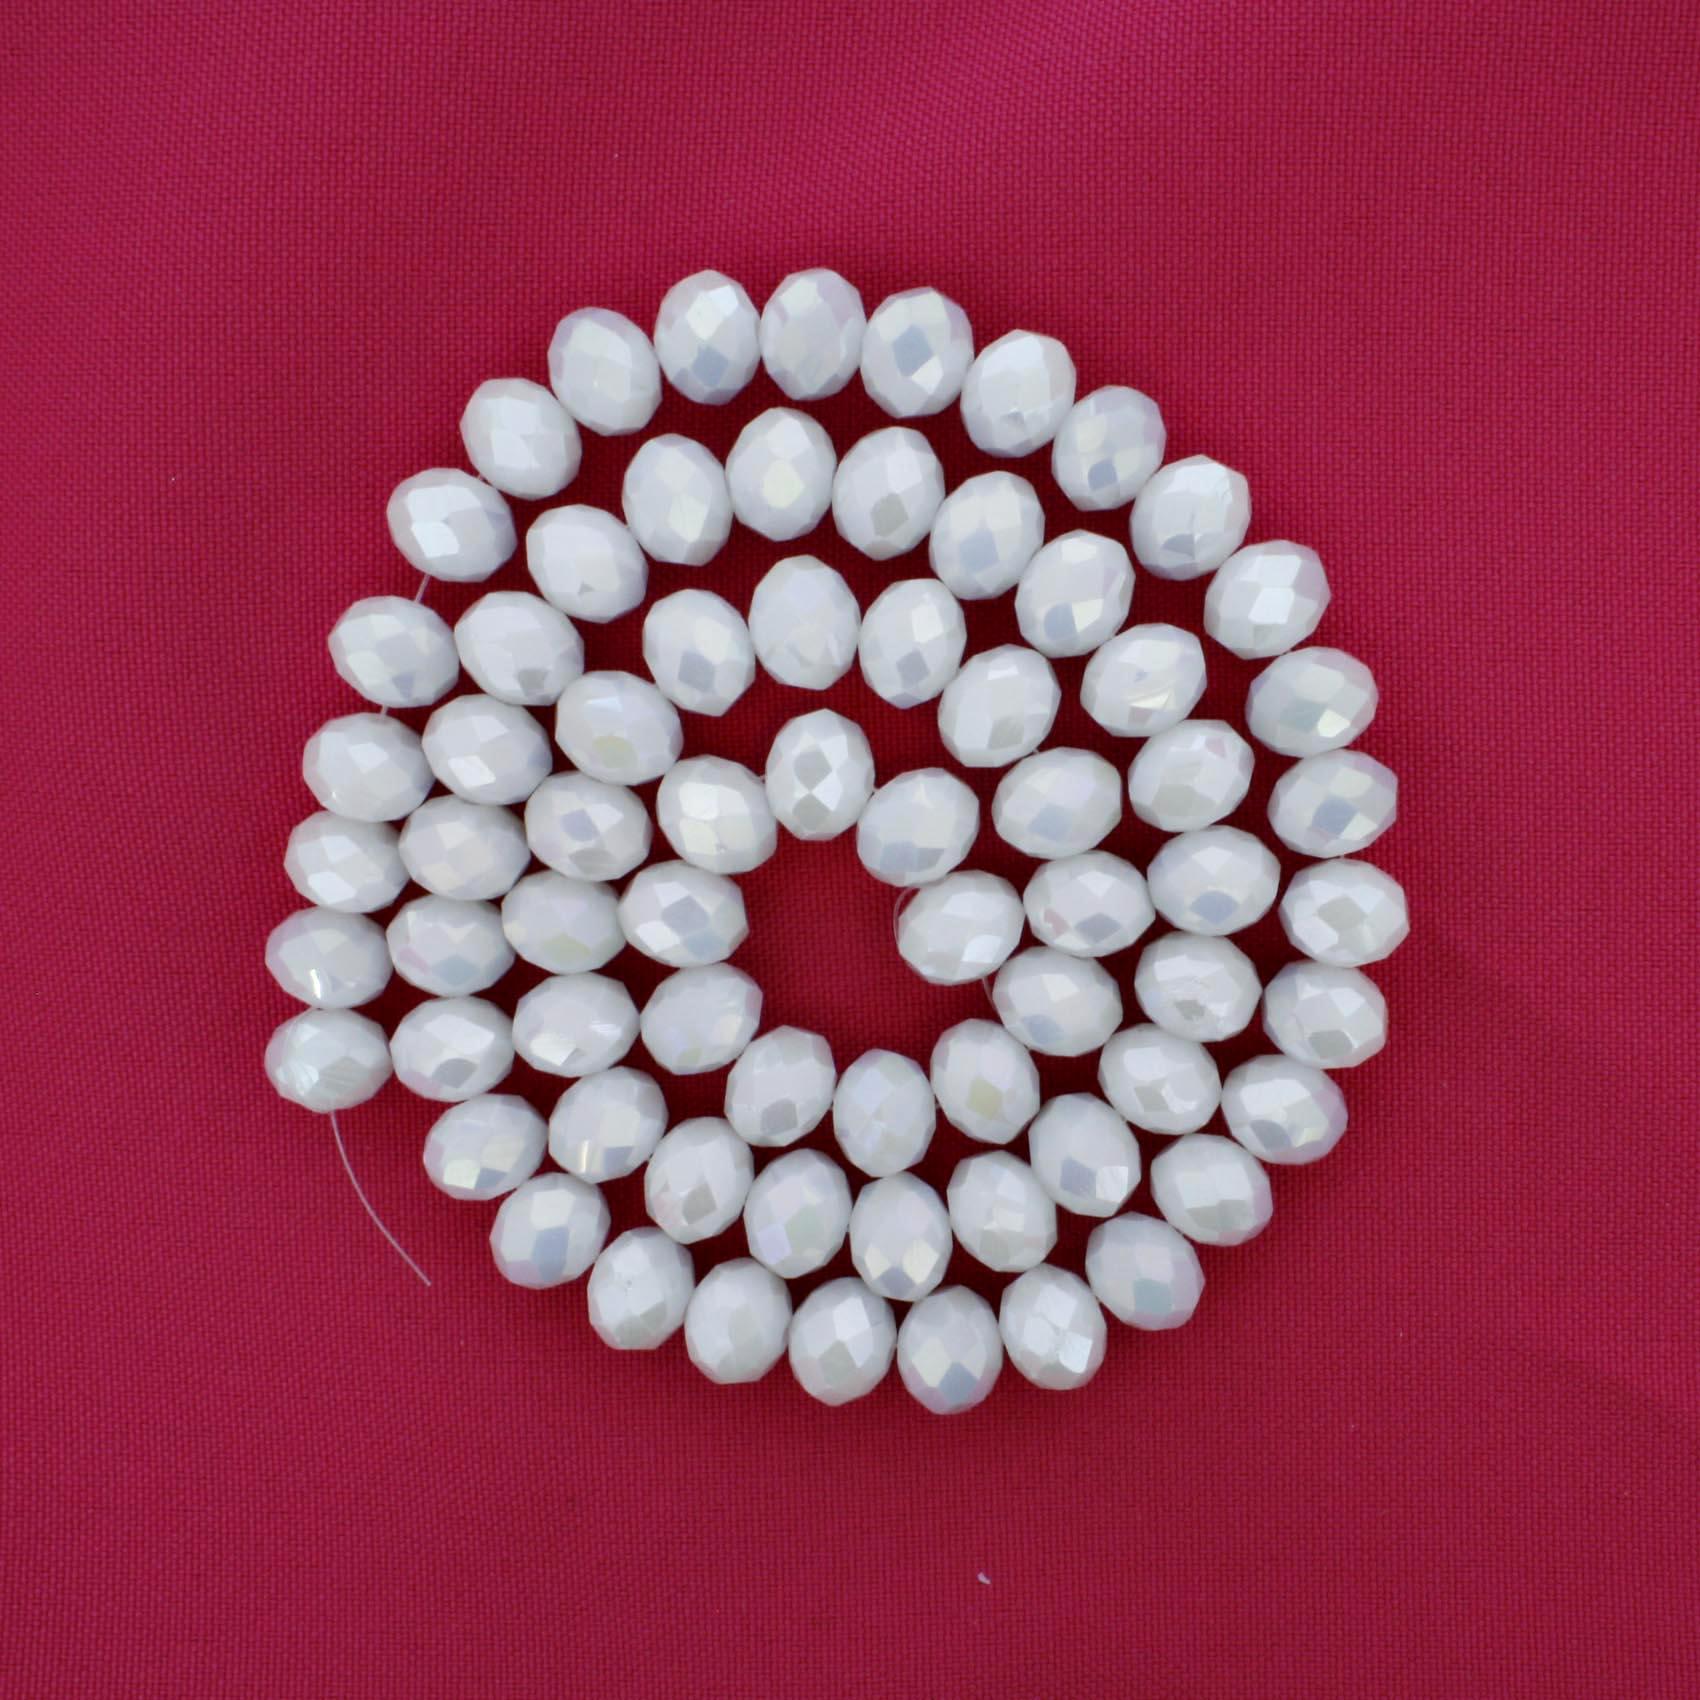 Fio de Cristal - Flat® - Branco Perolado - 10mm  - Stéphanie Bijoux® - Peças para Bijuterias e Artesanato